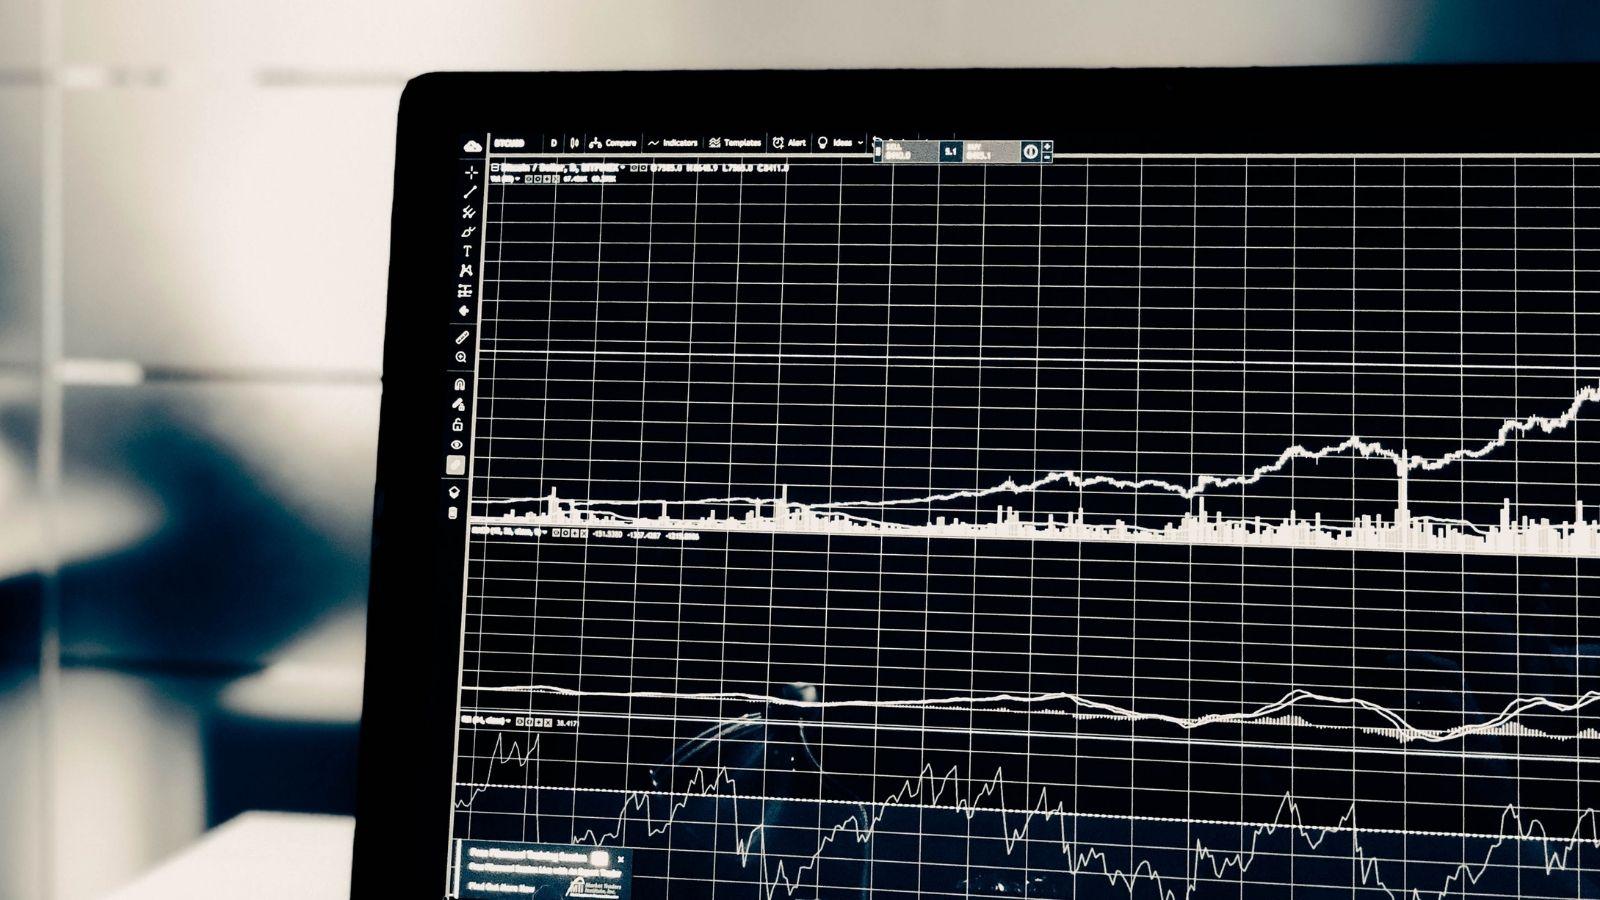 Rynek karmiony pandemią, rekordowe wydatki na Big Data AI mediarun big data